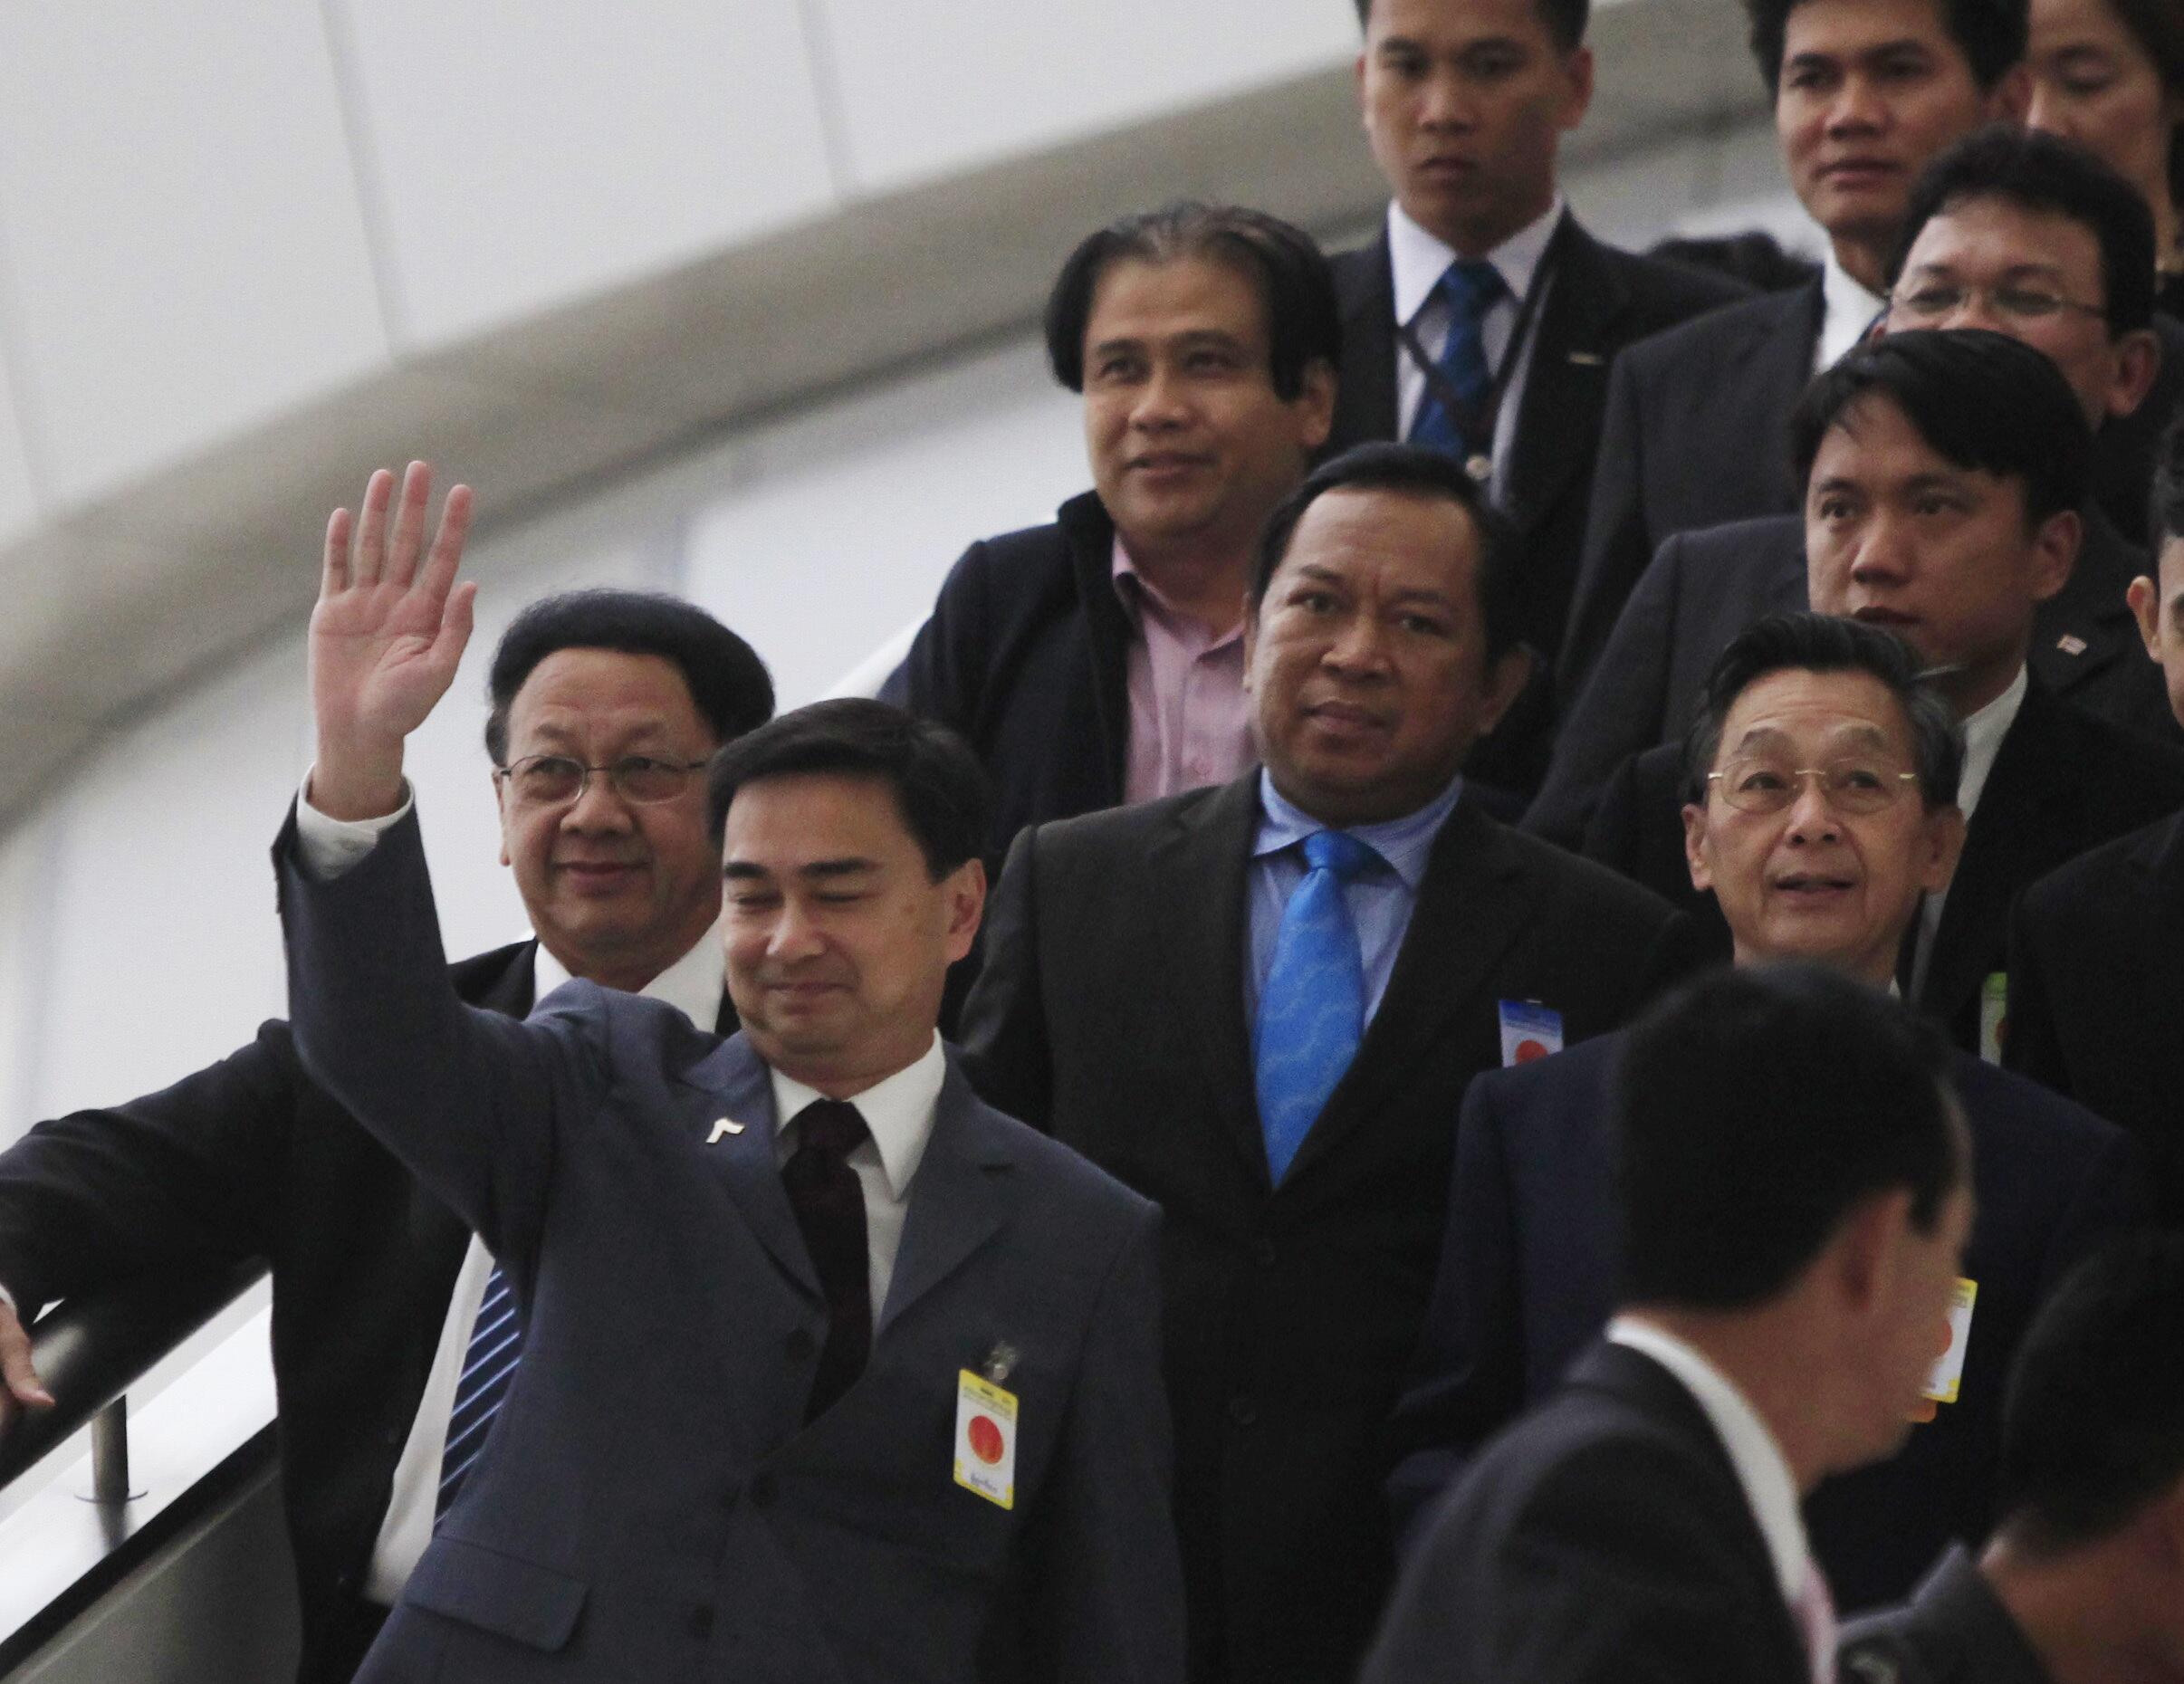 Thủ tướng Thái Lan Abhisit tại Tòa án Bảo hiến ngày 29/11/10.